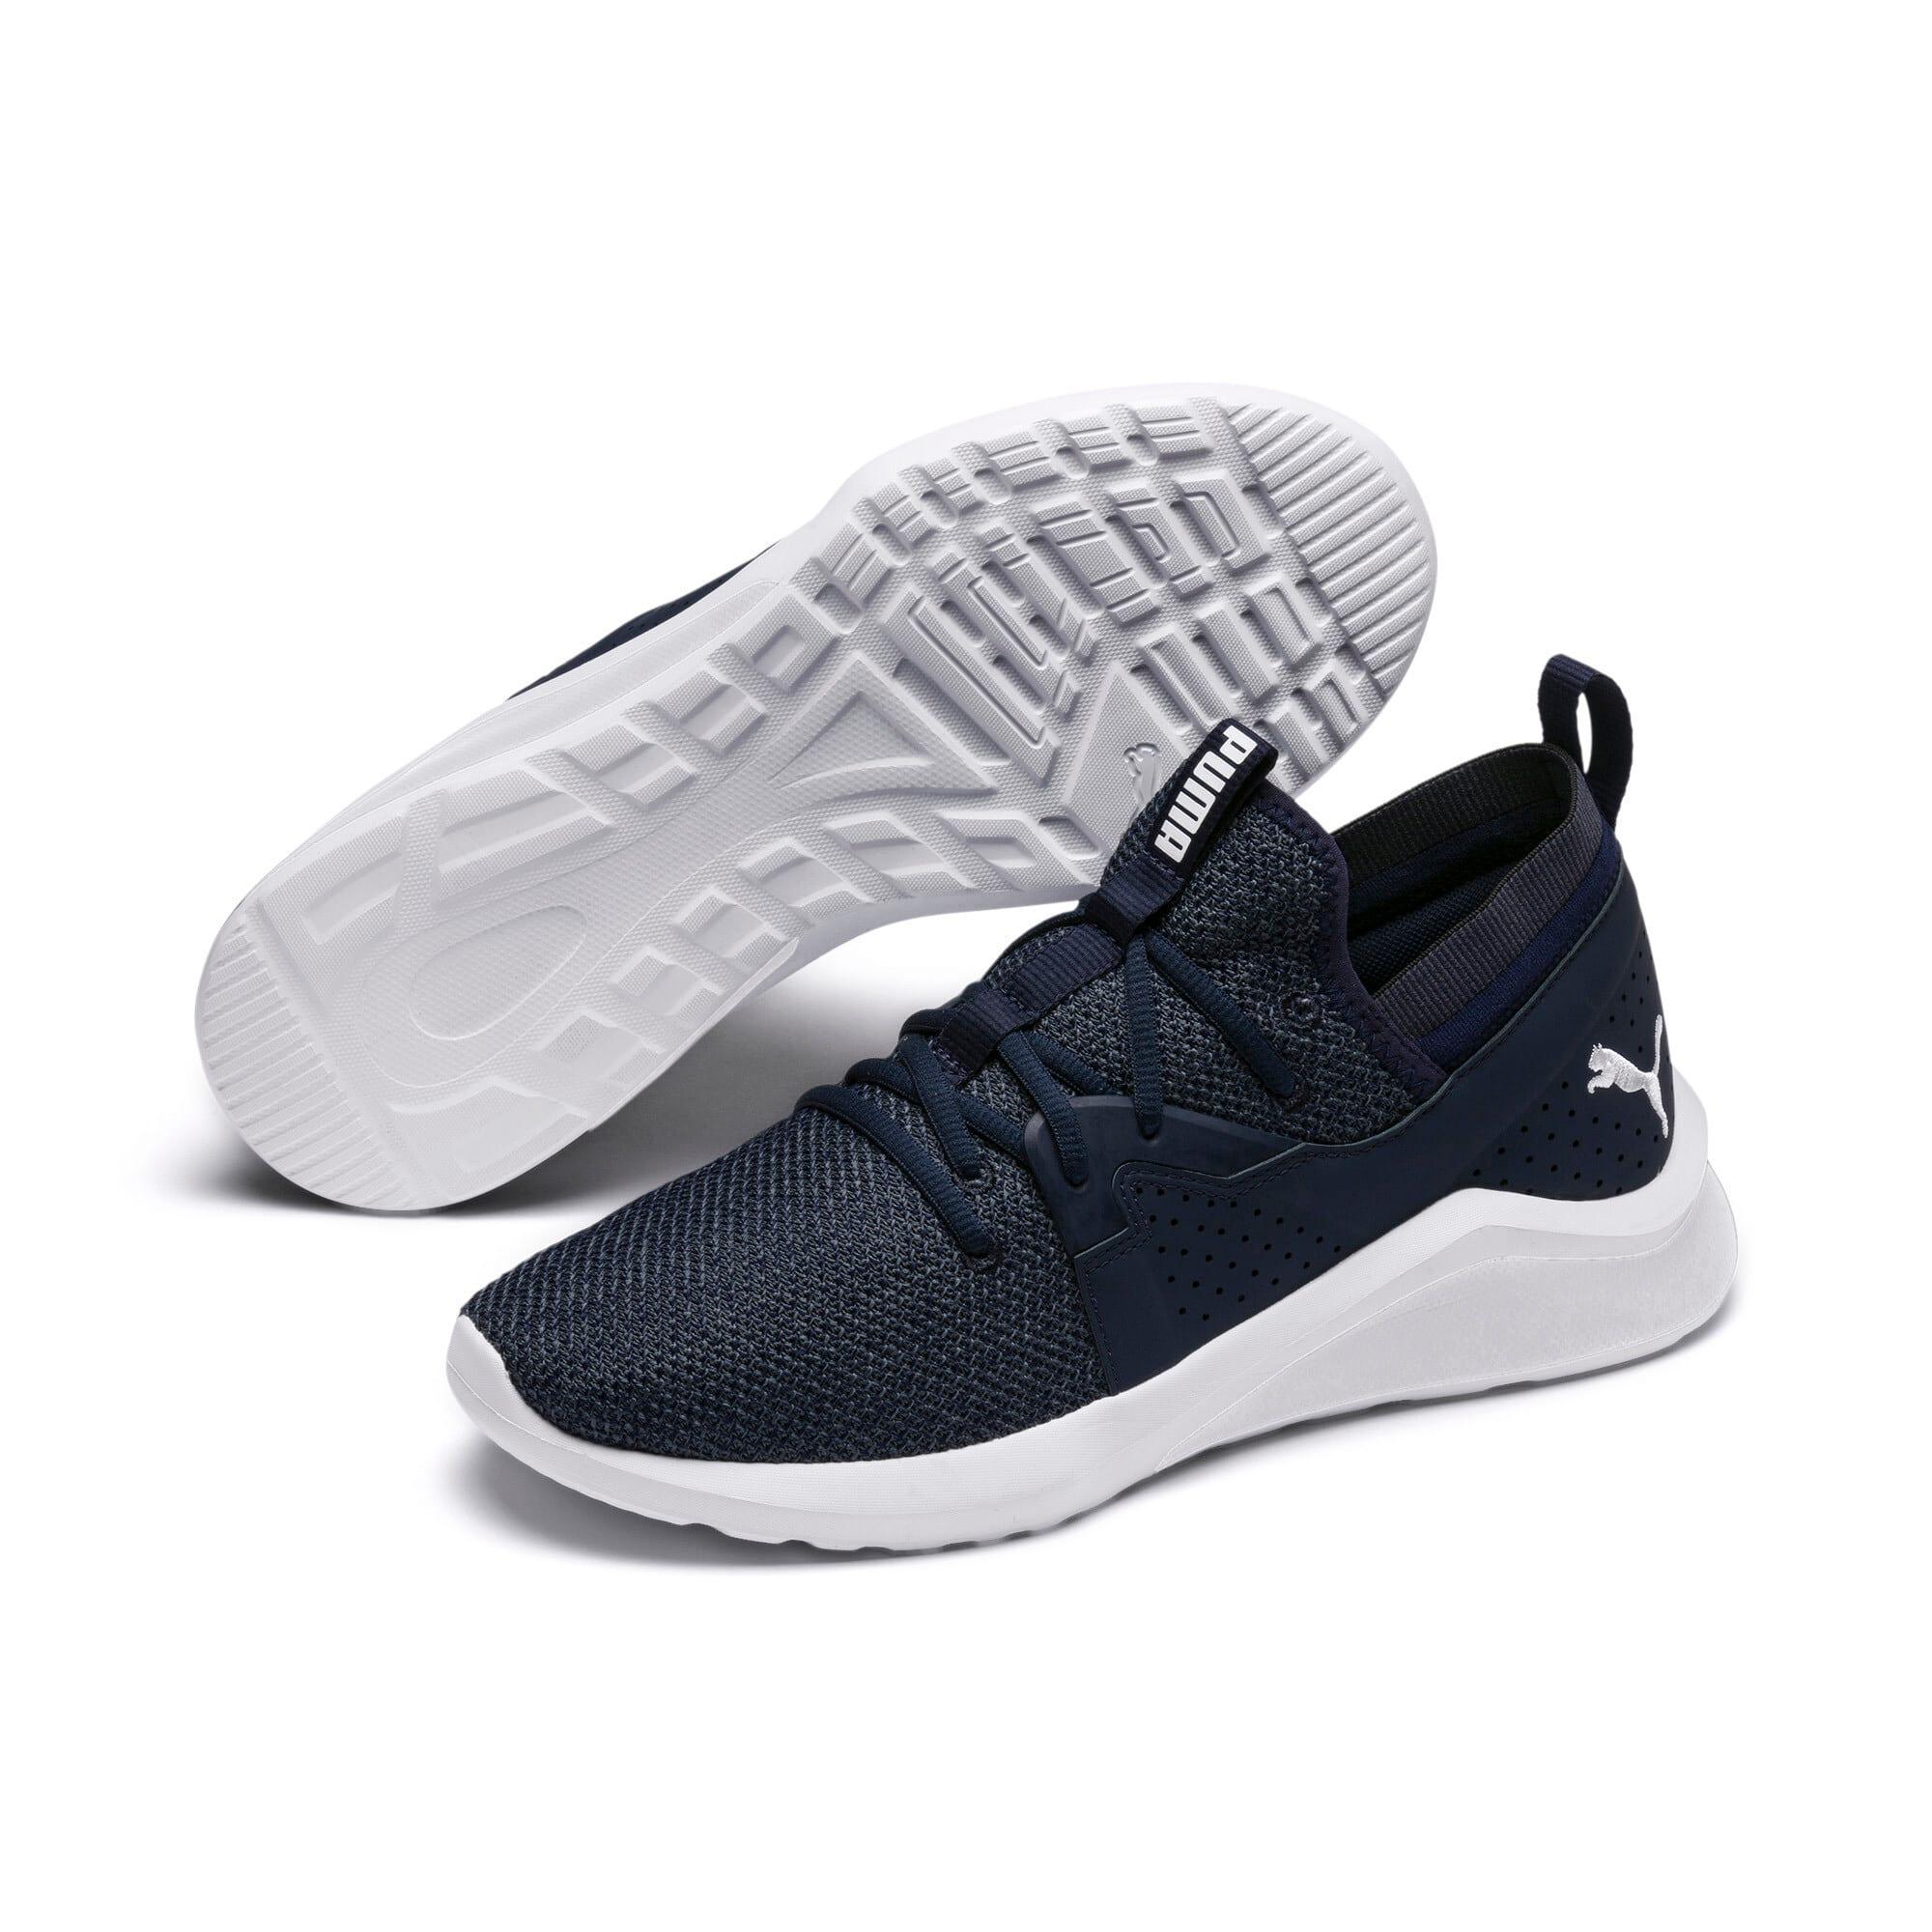 Miniatura 2 de Zapatos deportivos Emergence para hombre, Peacoat-Puma White, mediano